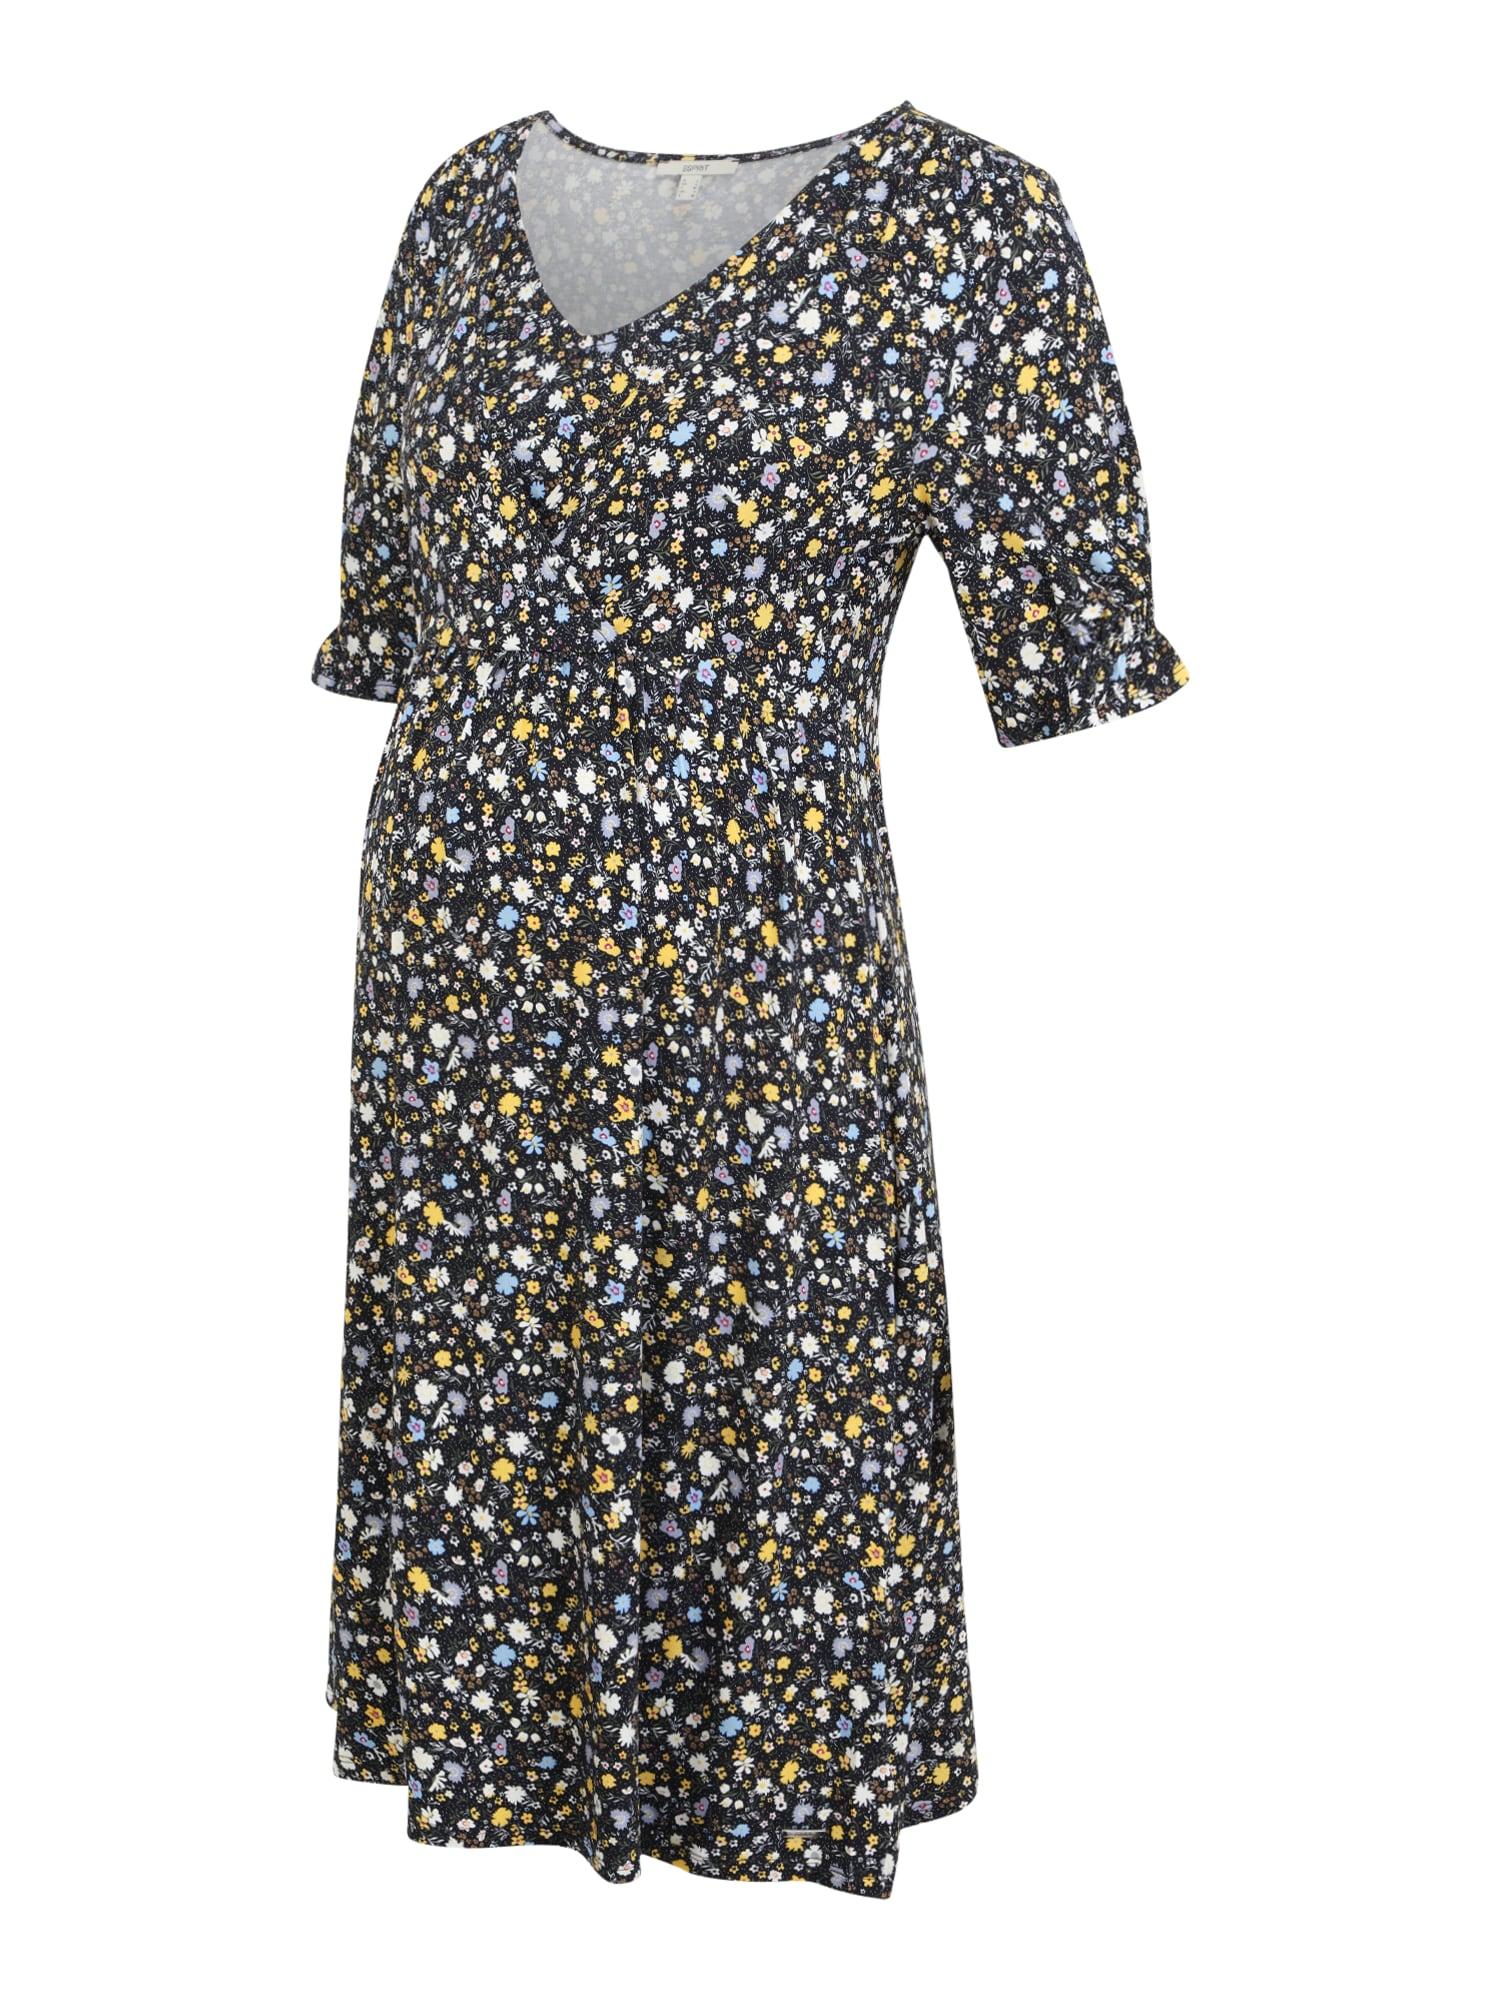 Esprit Maternity Suknelė geltona / balta / nakties mėlyna / šviesiai mėlyna / alyvuogių spalva